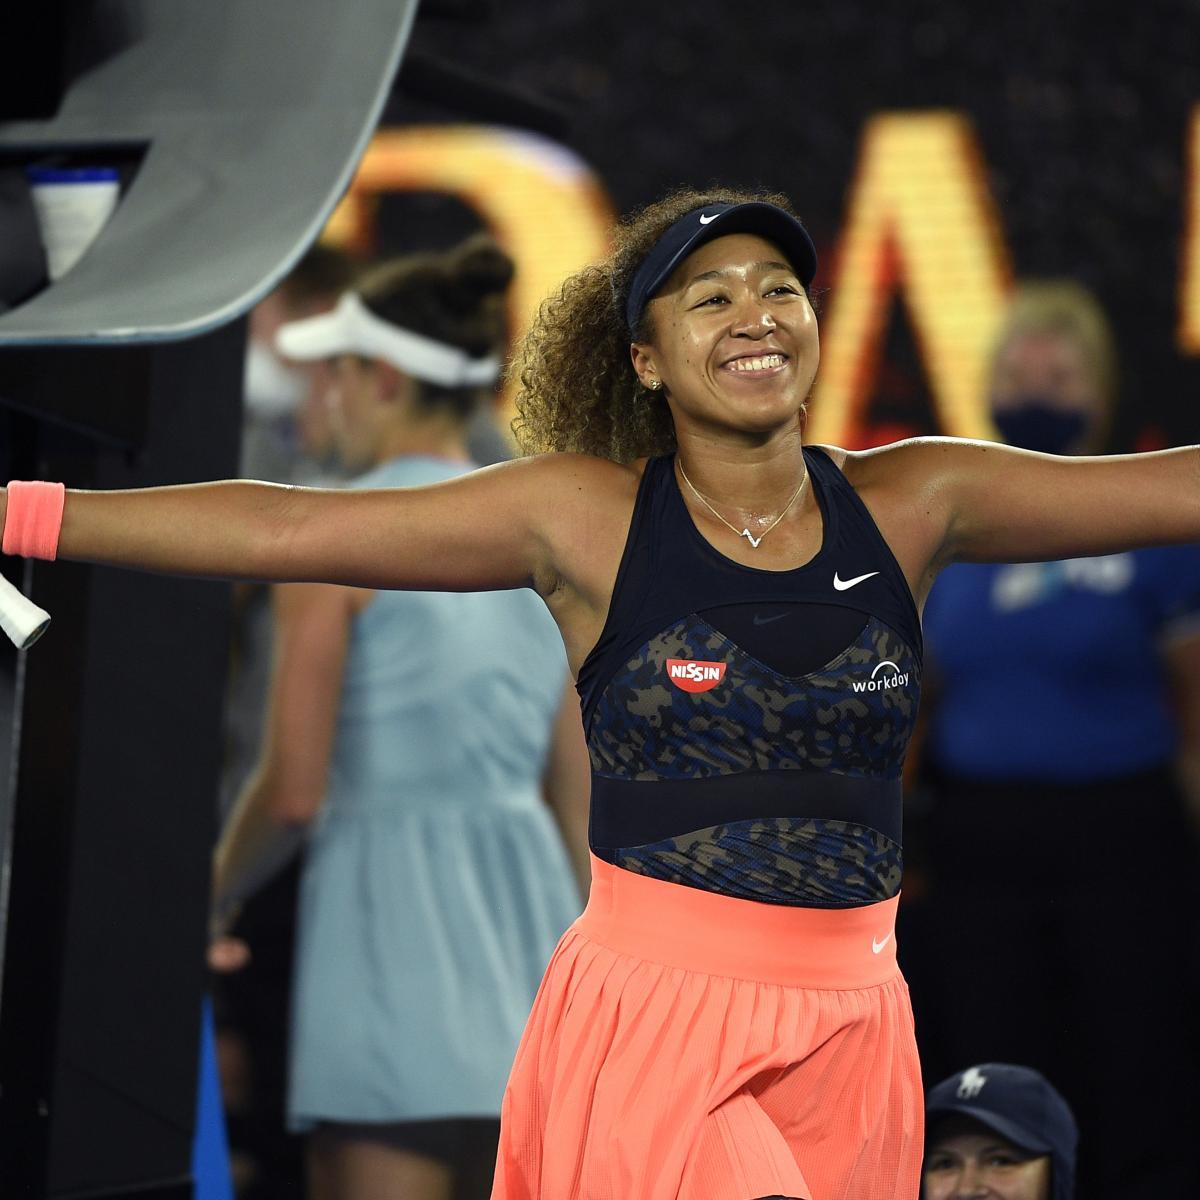 Australian Open 2021 Women's Final: Winner, Score and Twitter Reaction